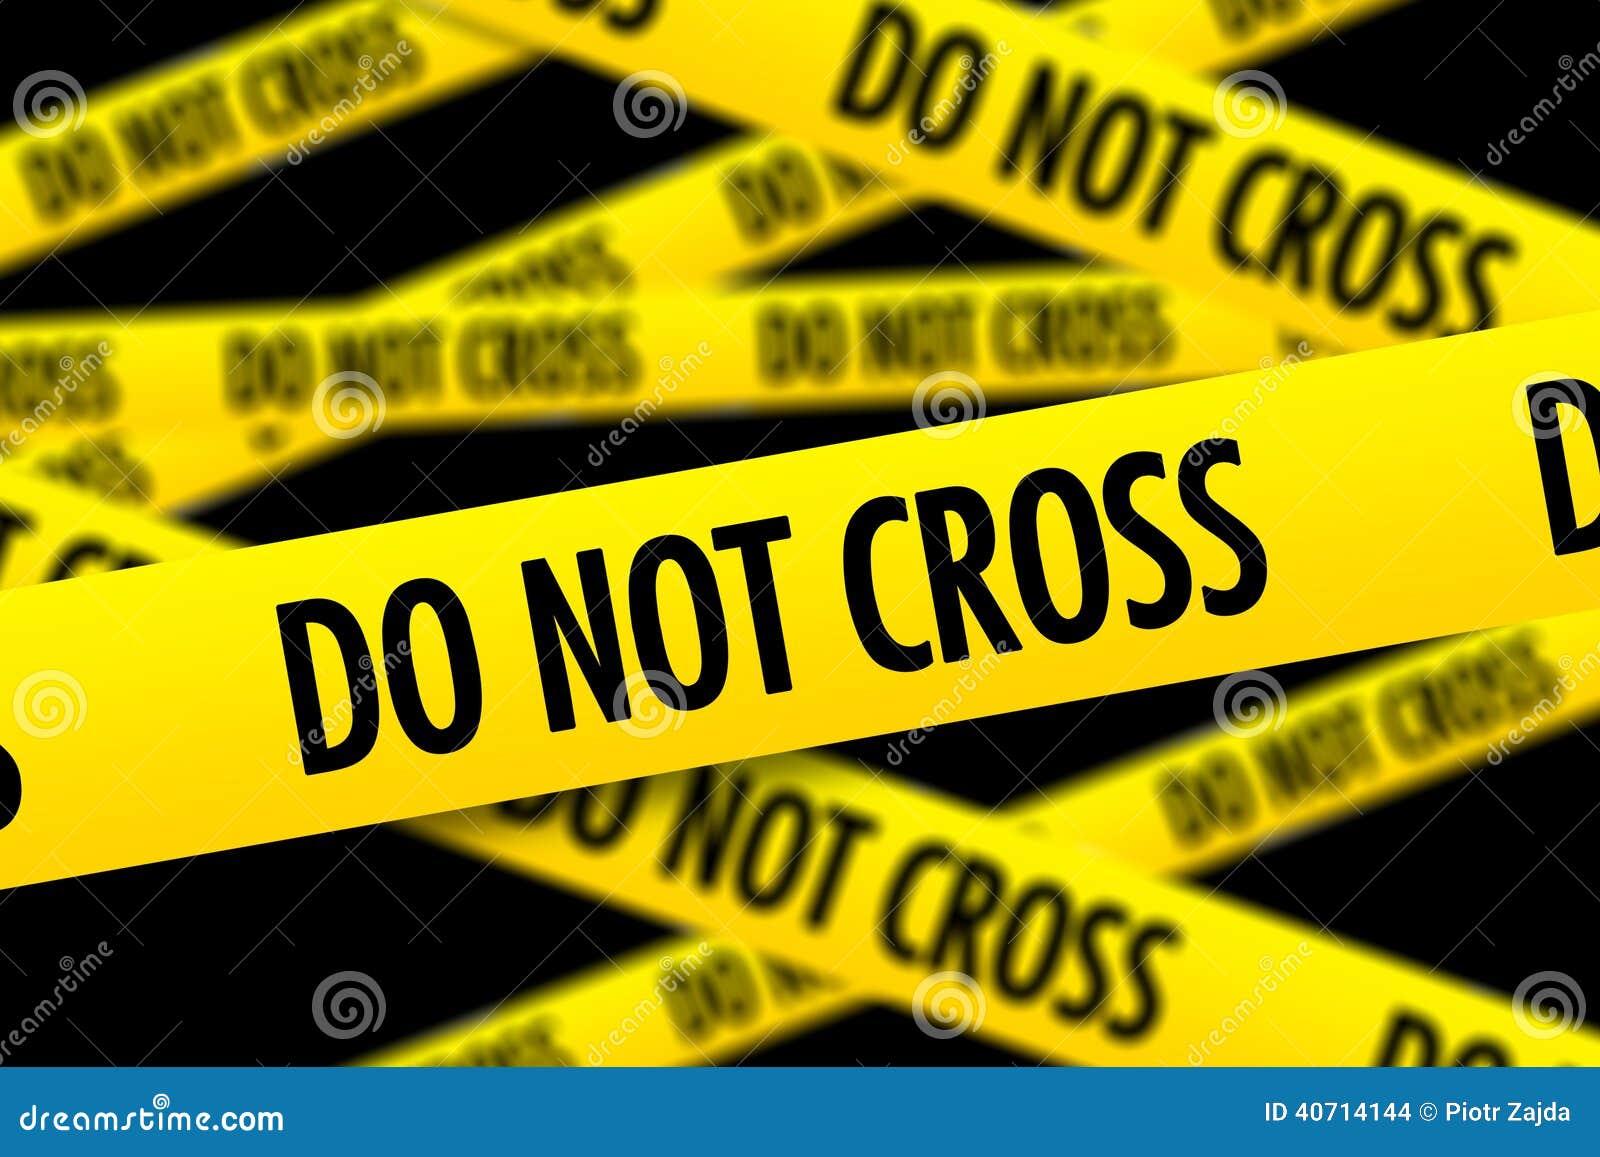 do not cross police tape stock illustration illustration of